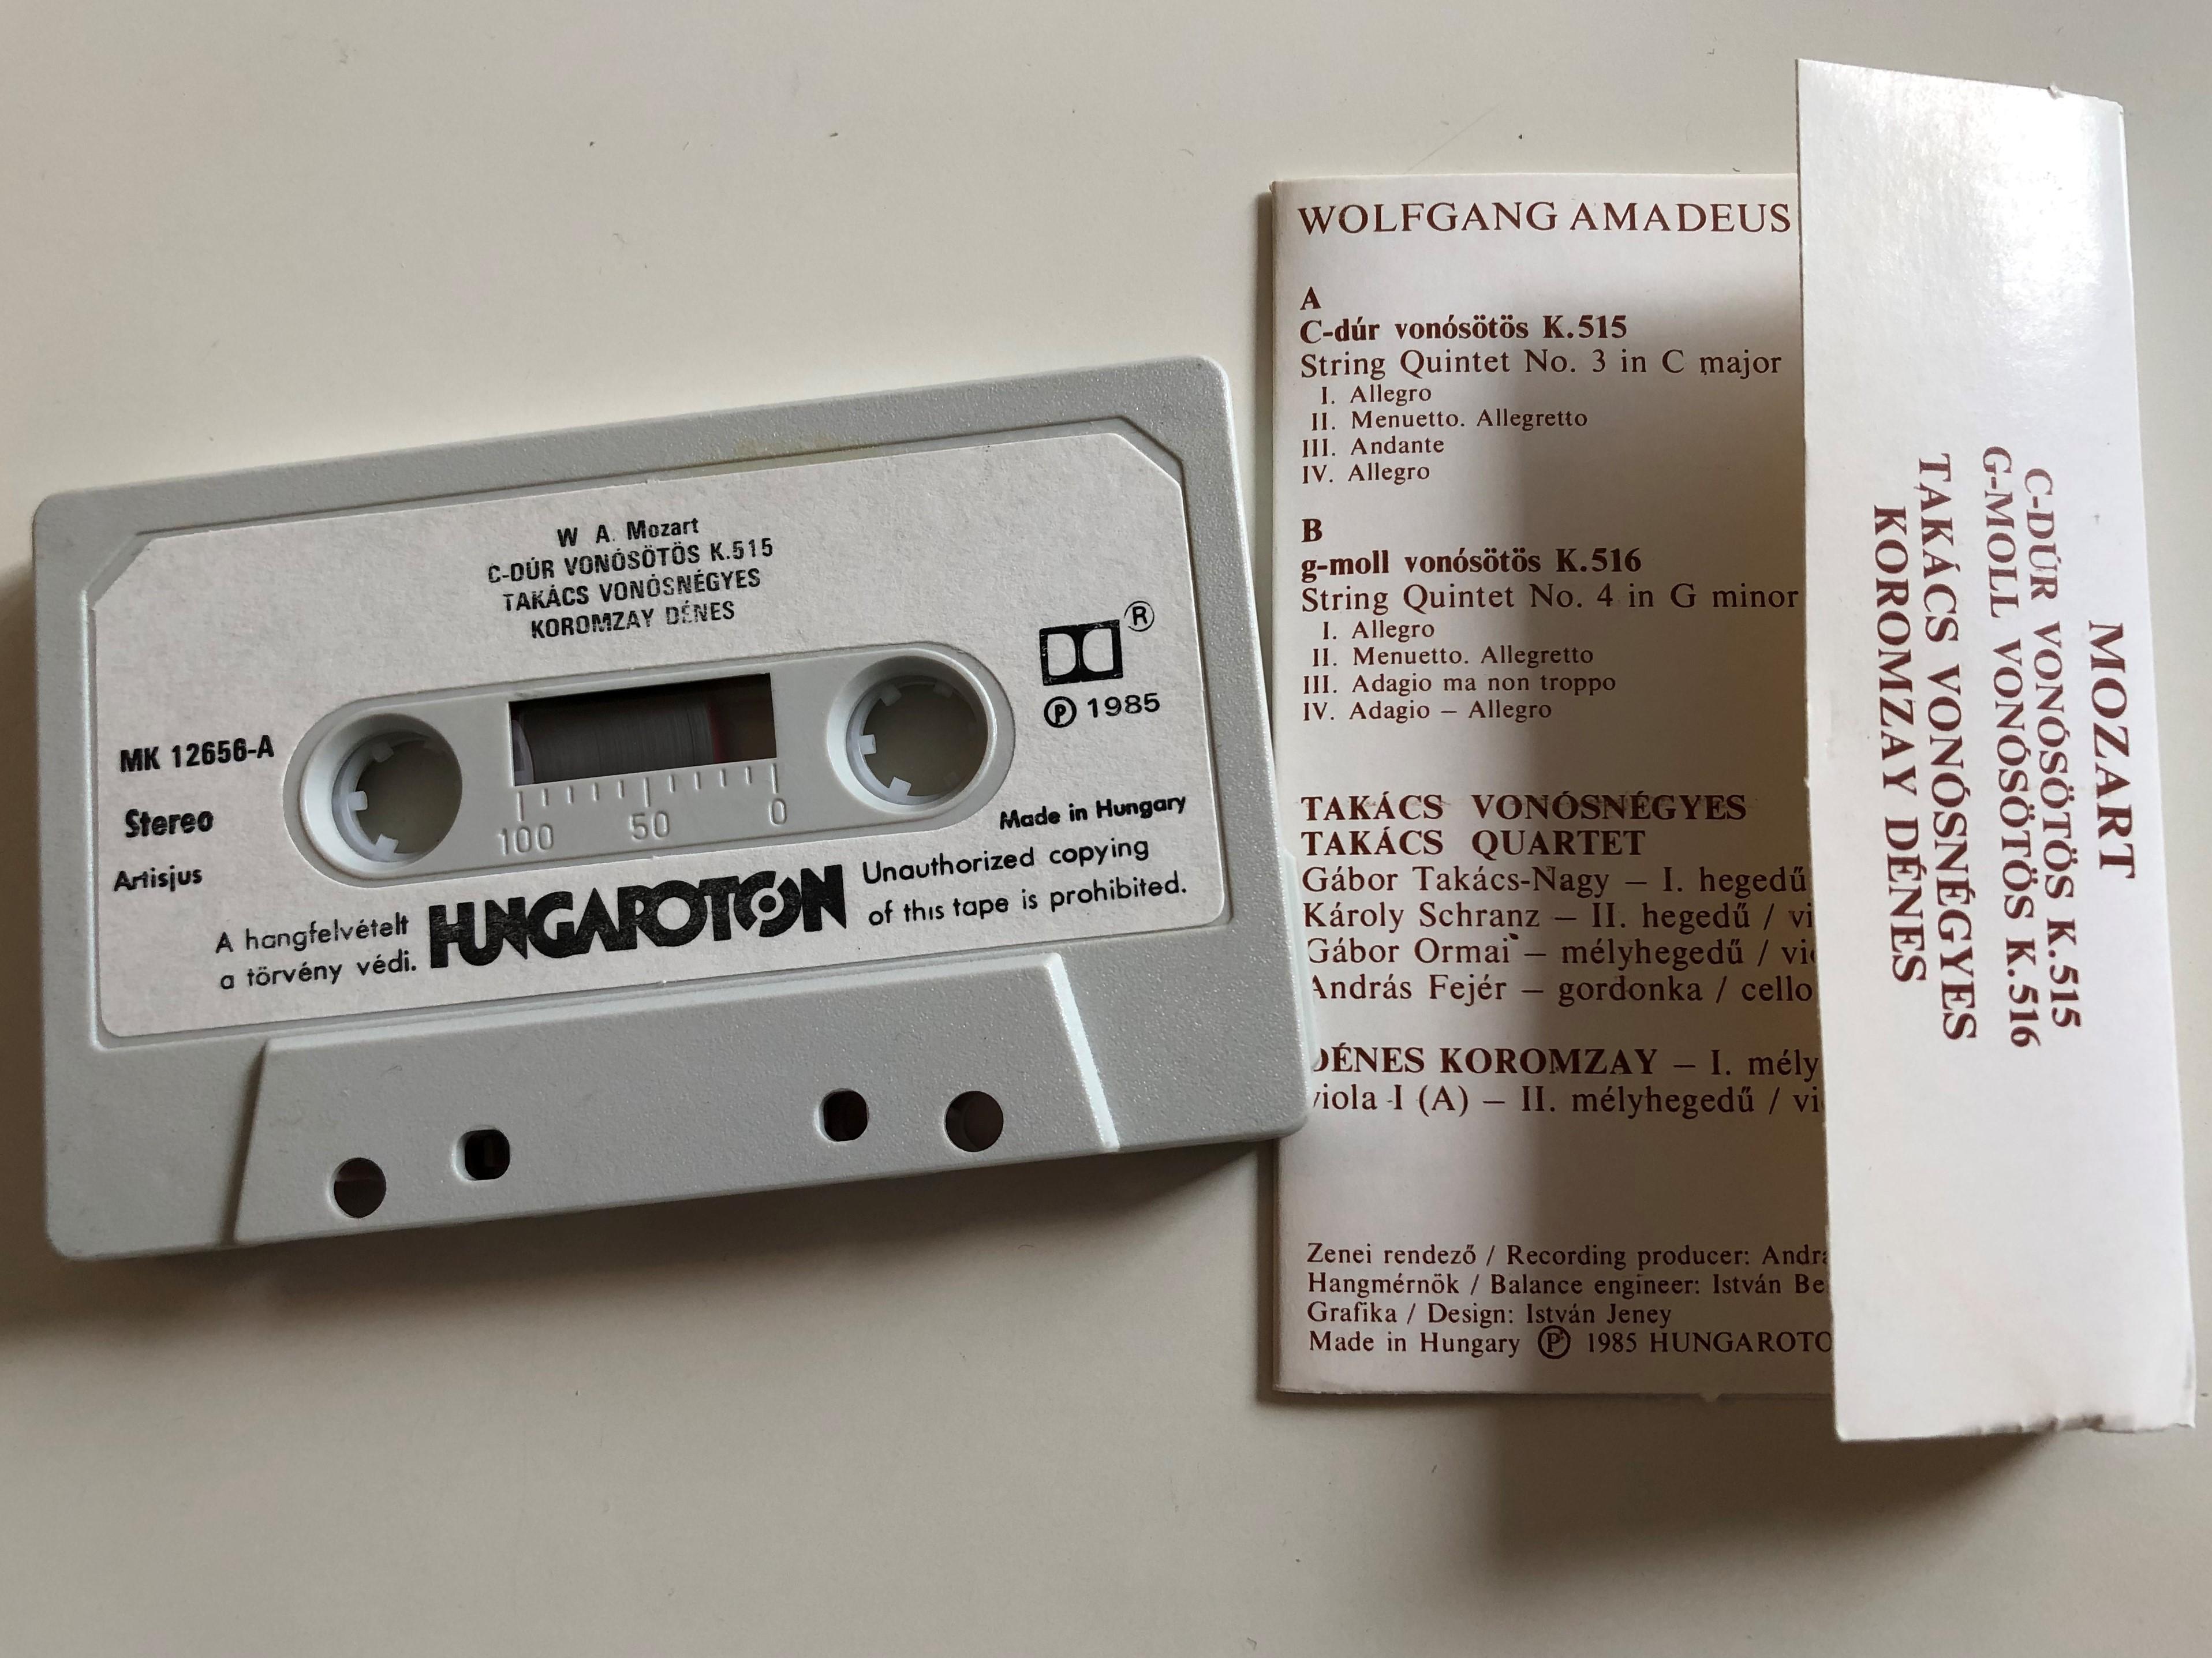 w.a.mozart-string-quintets-in-c-major-k515-in-g-minor-k516-takacs-quartet-denes-koromzay-hungaroton-cassette-stereo-mk-12656-2-.jpg